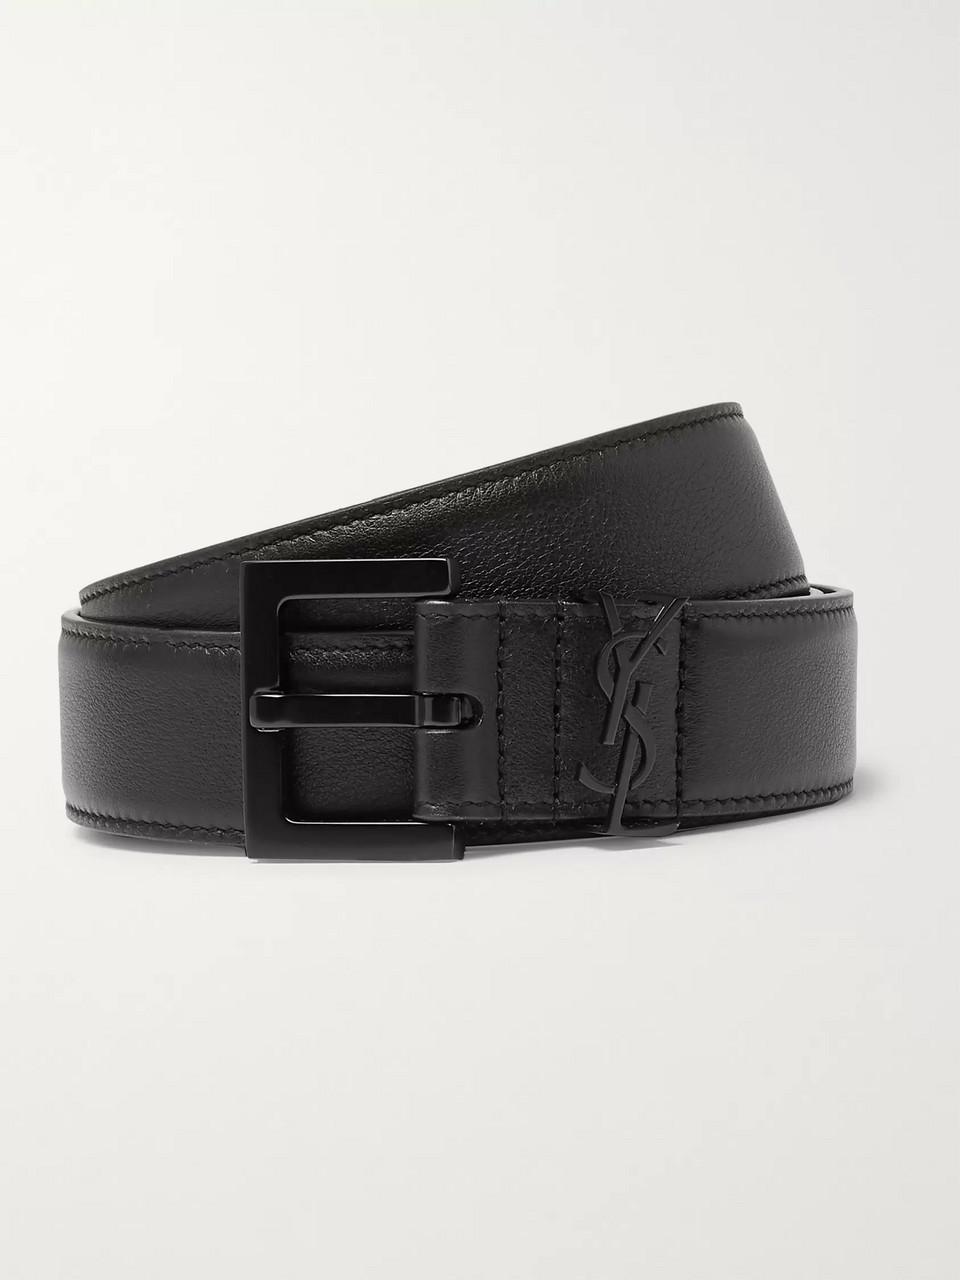 14db51761f2 Black 3cm Black Full-Grain Leather Belt | SAINT LAURENT | MR PORTER